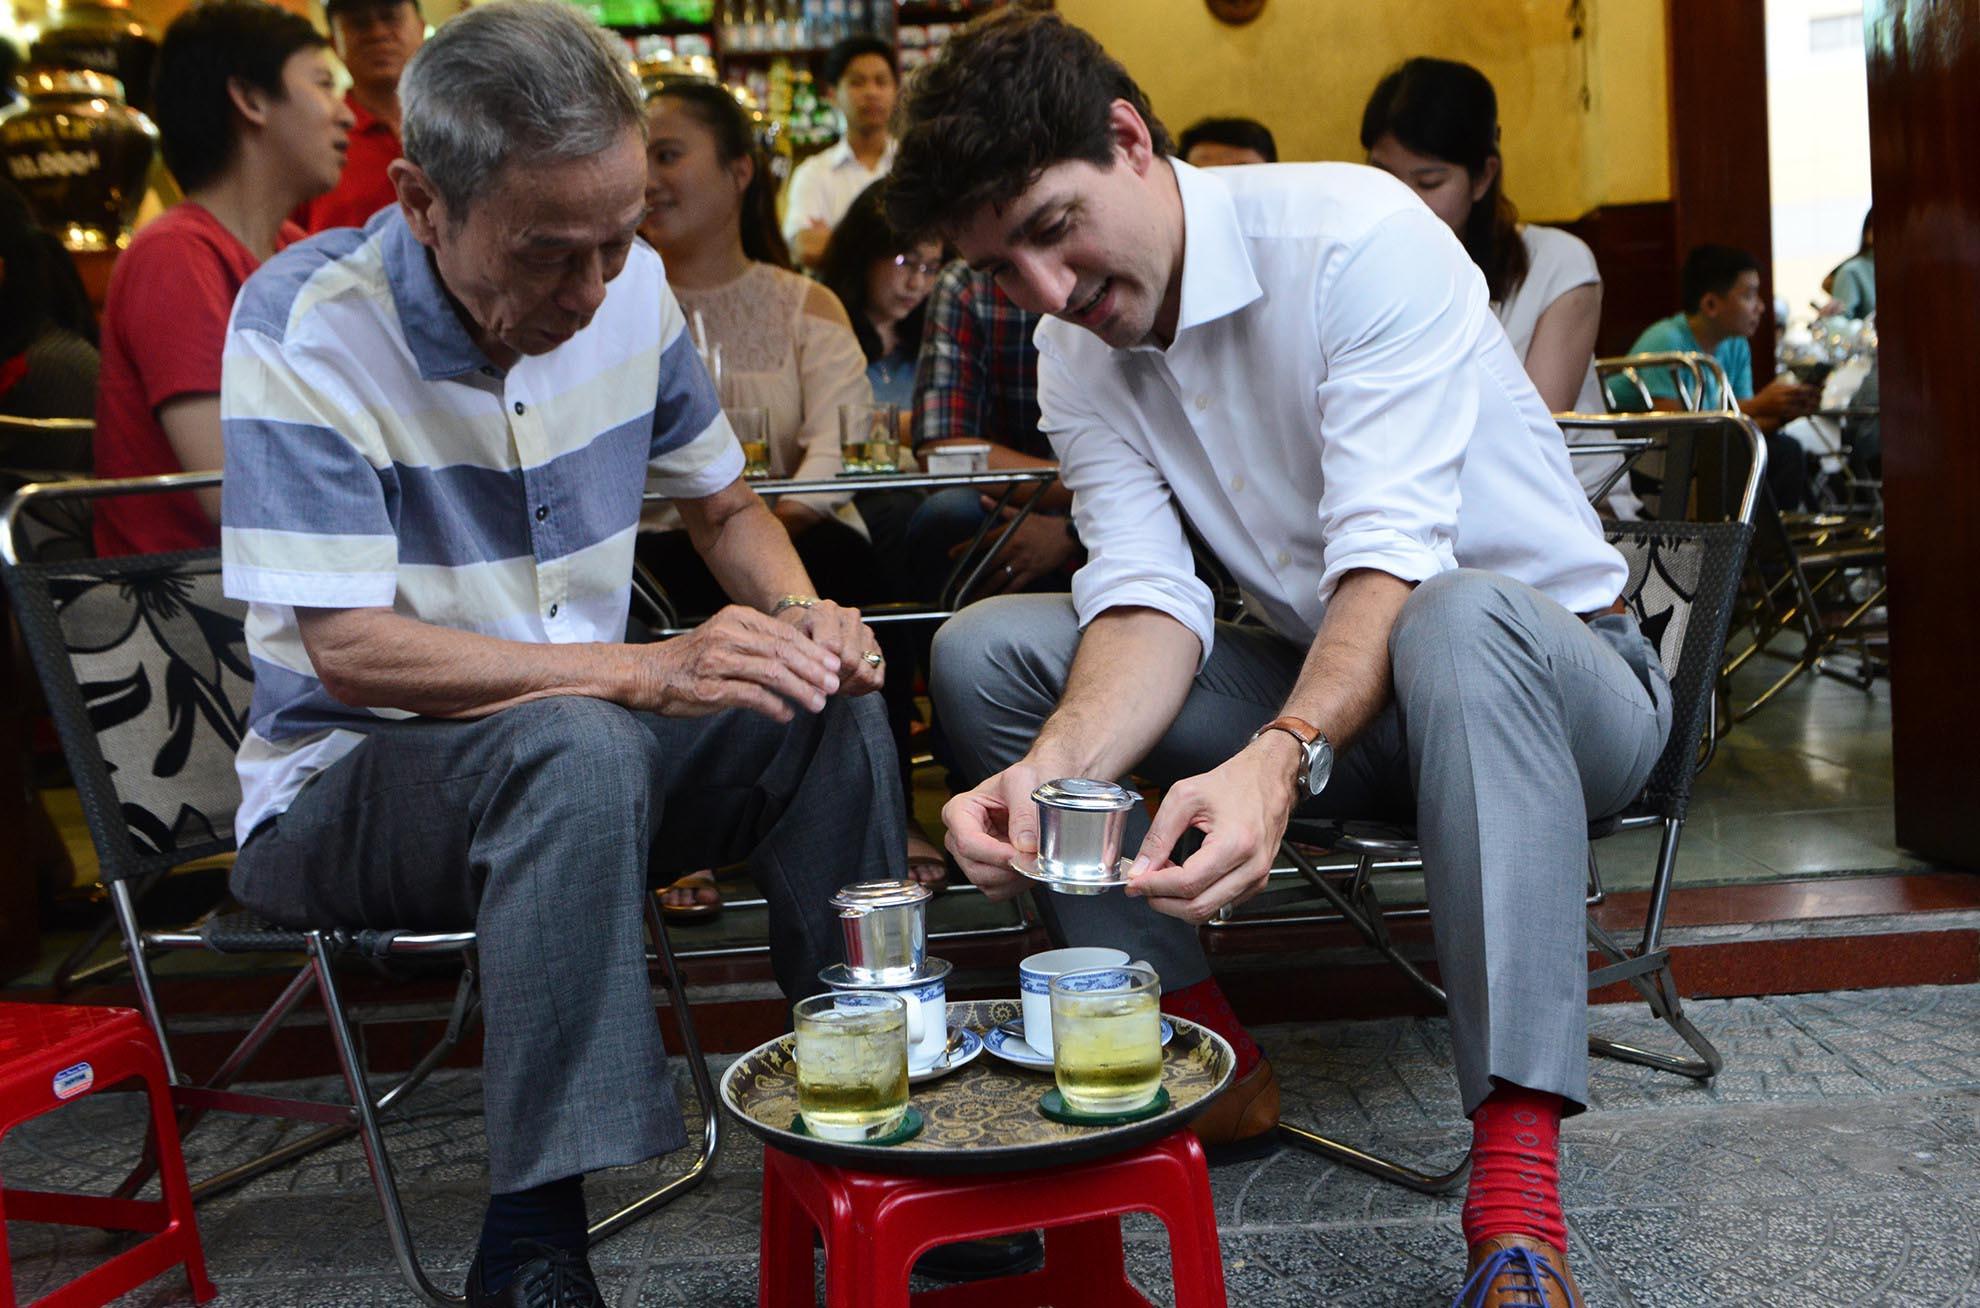 Dân Sài Gòn tò mò khi thủ tướng Canada ngồi cà phê vỉa hè